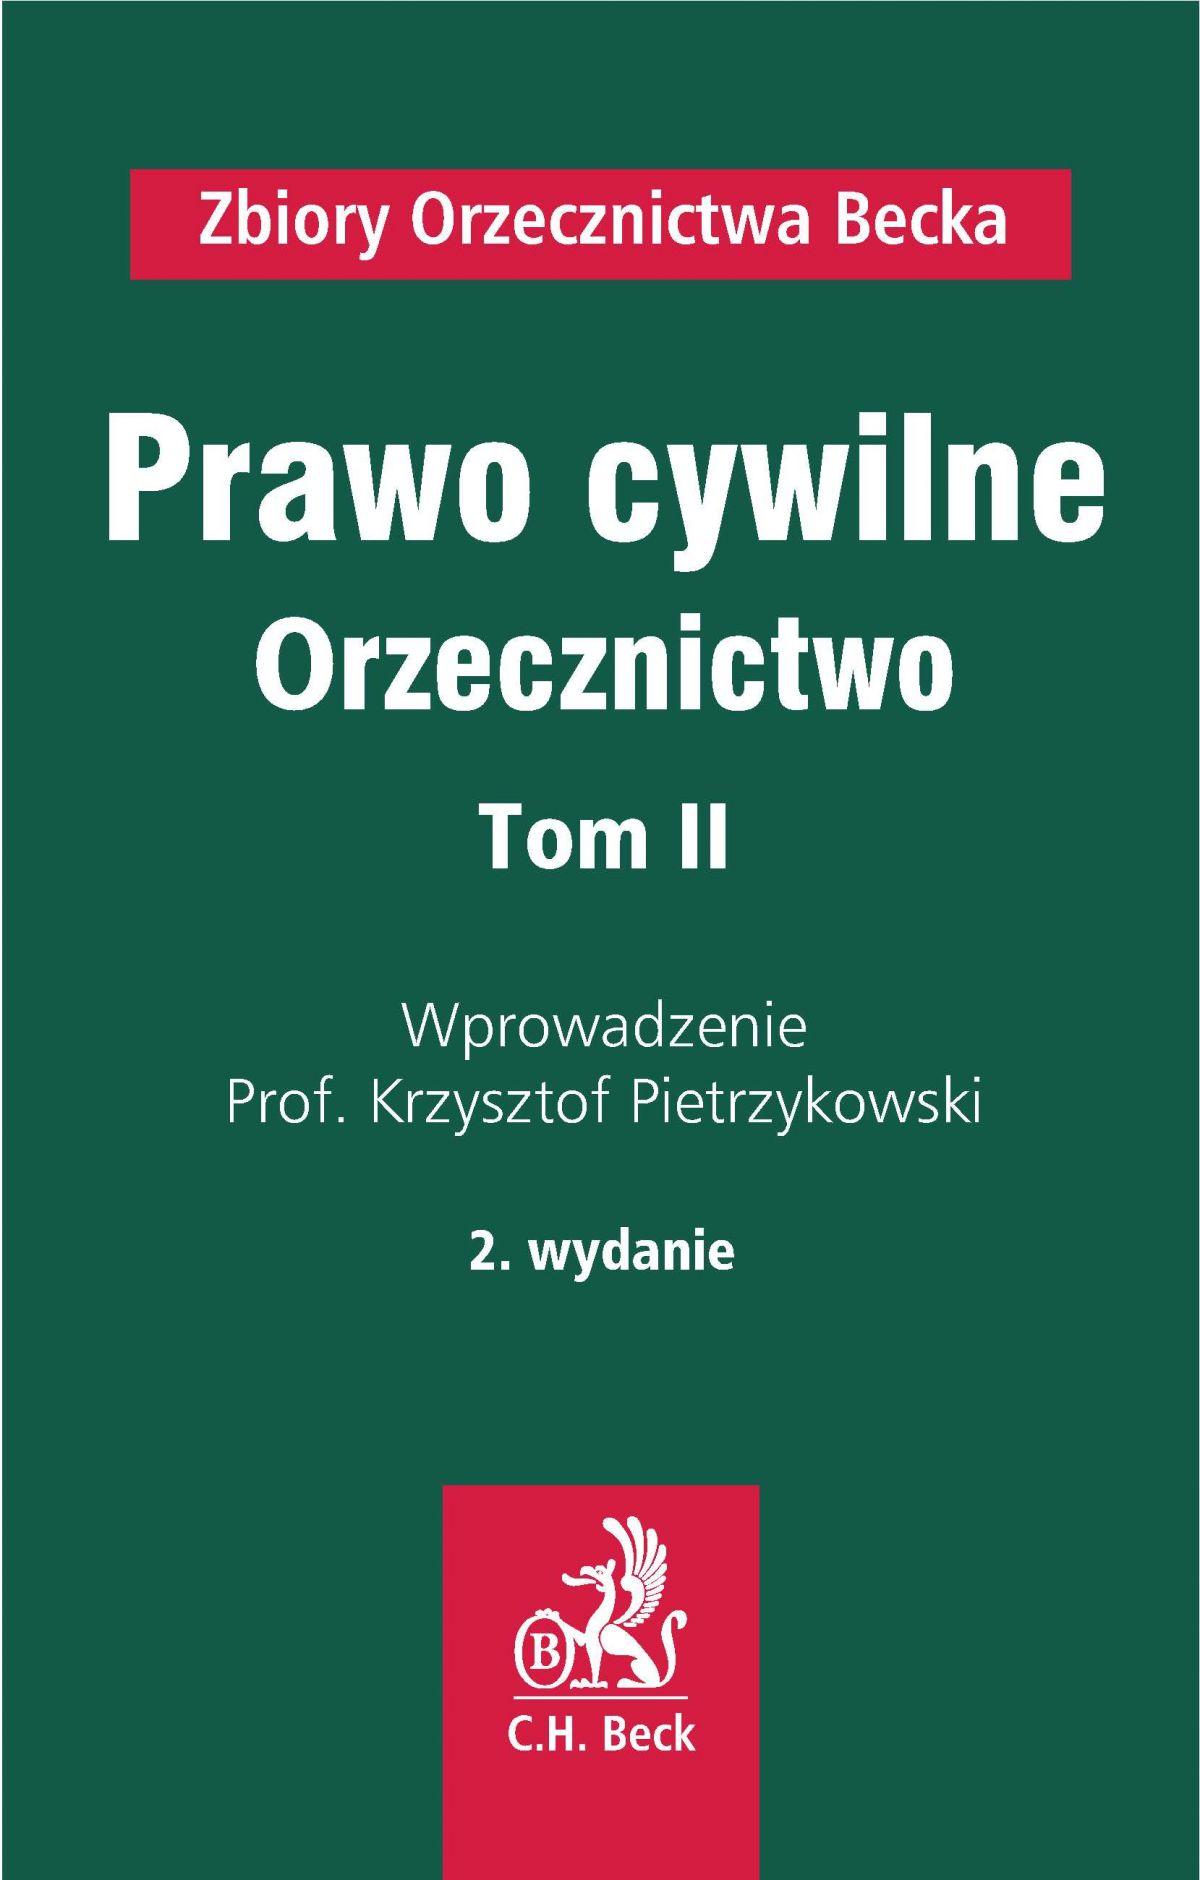 Prawo cywilne. Orzecznictwo. Tom II - Ebook (Książka PDF) do pobrania w formacie PDF